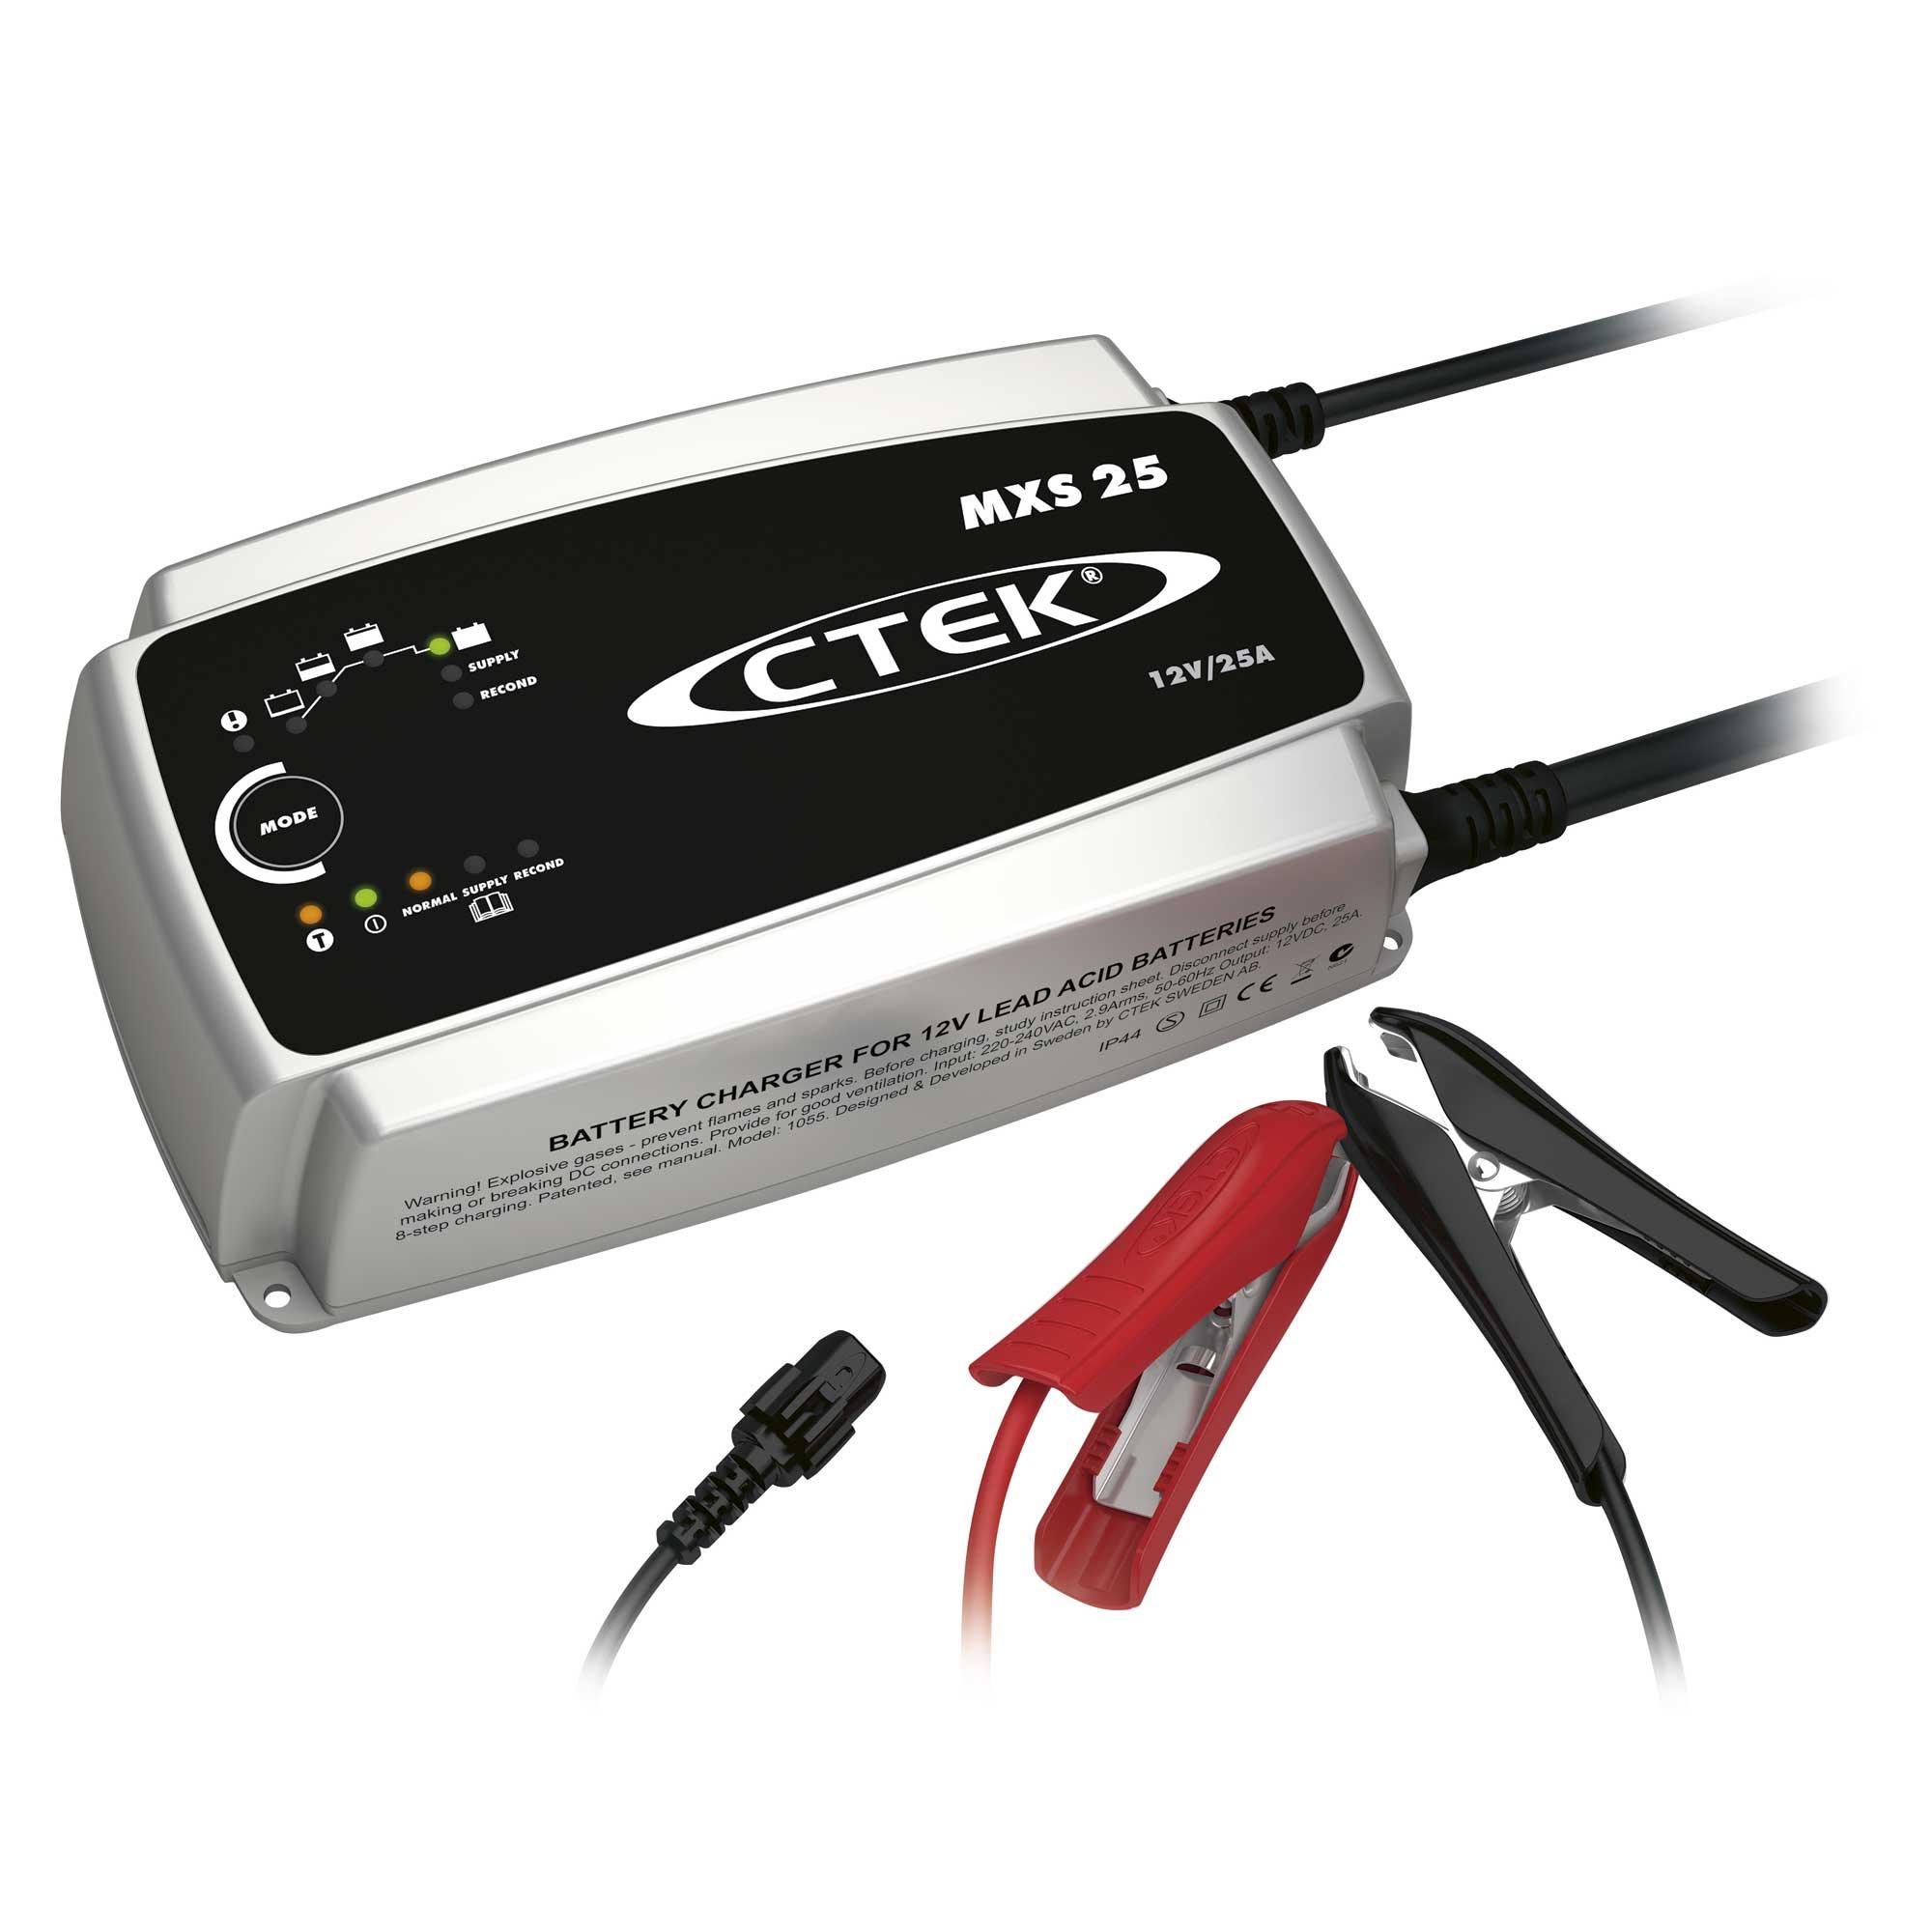 Зарядное устройство Ctek MXS 25 (8 этапов, 50-500Aч, 12В) индикатор состояния акб с круглыми клеммами м6 ctek 56 629